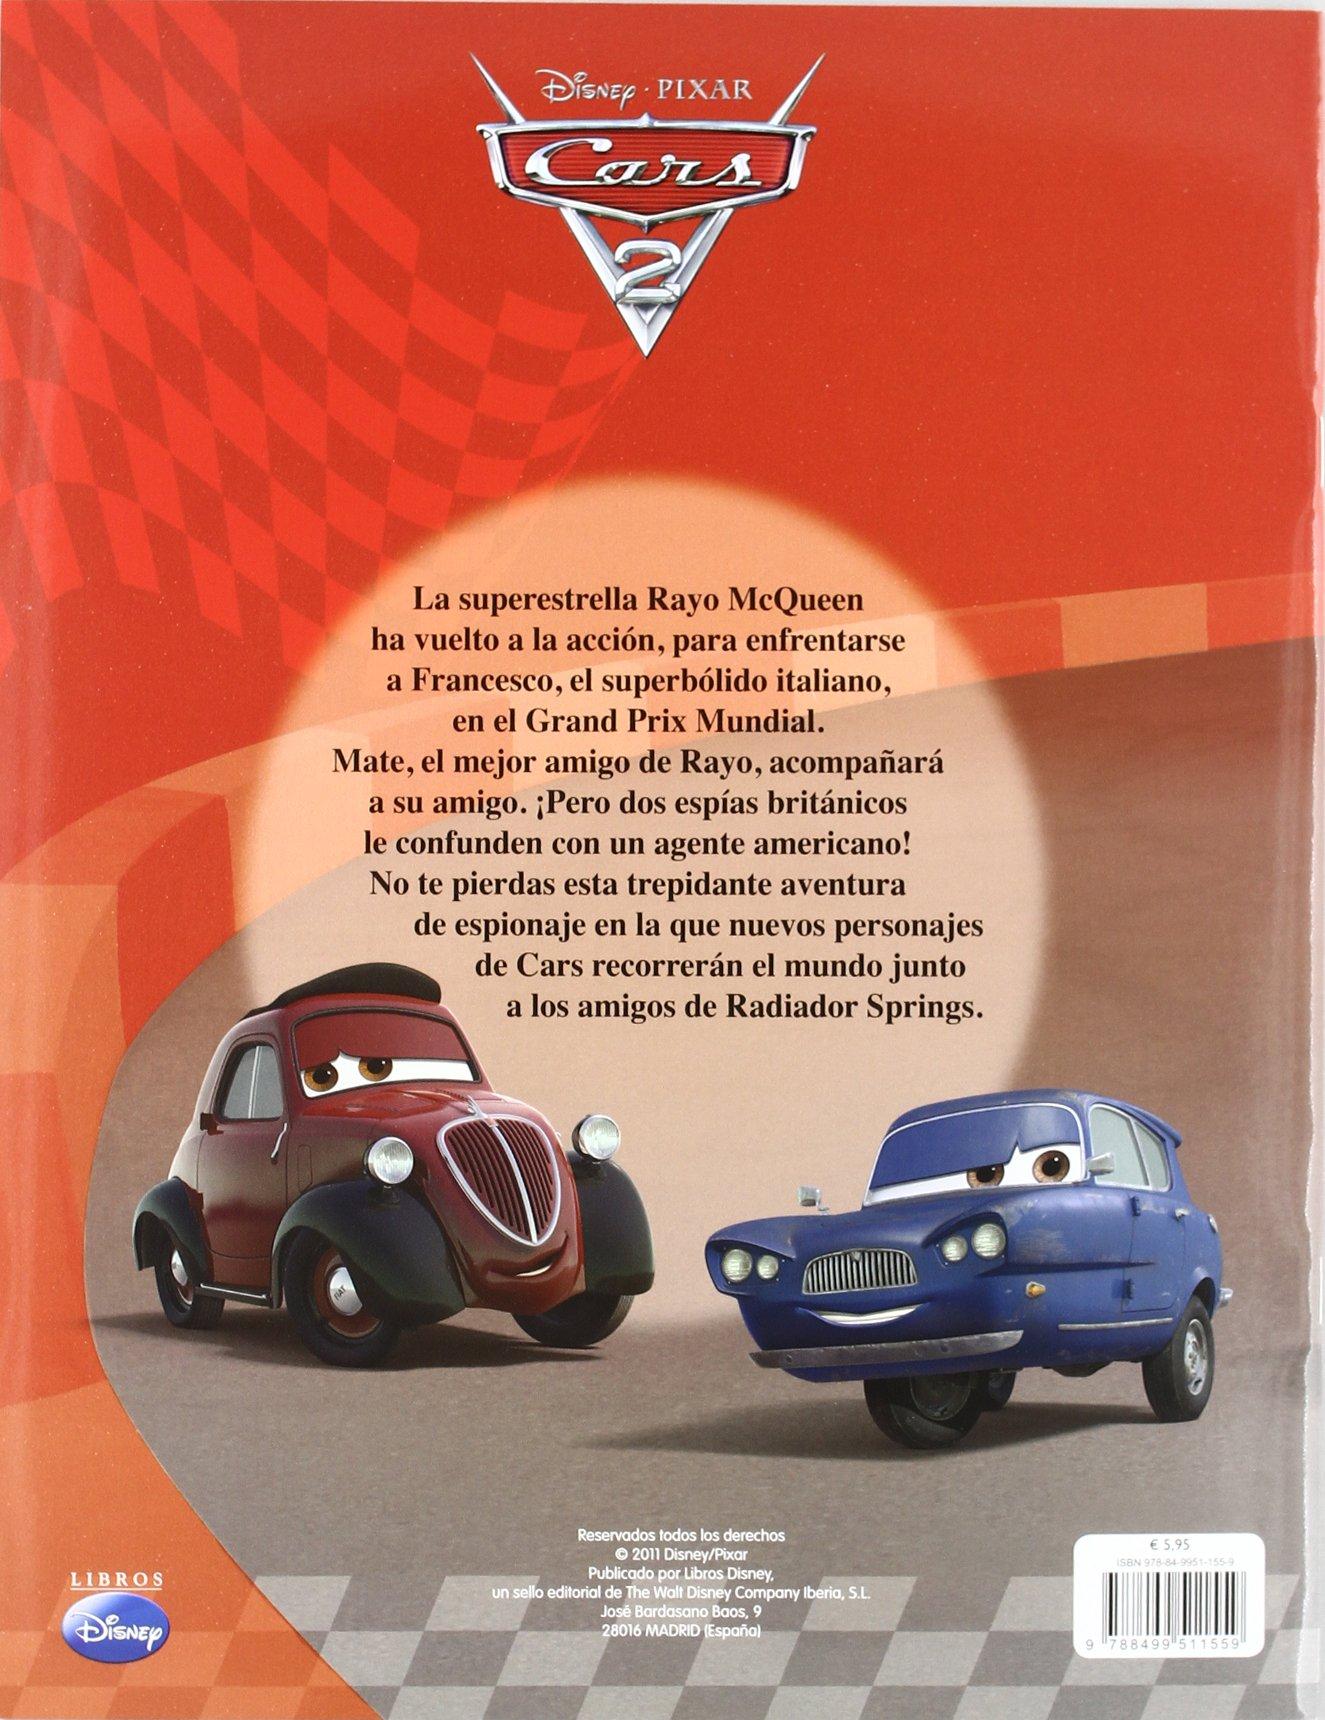 Cars 2: Libro de pegatinas: Jaime, (tr.) Disney Pixar; Paino de Pedro: 9788499511559: Amazon.com: Books